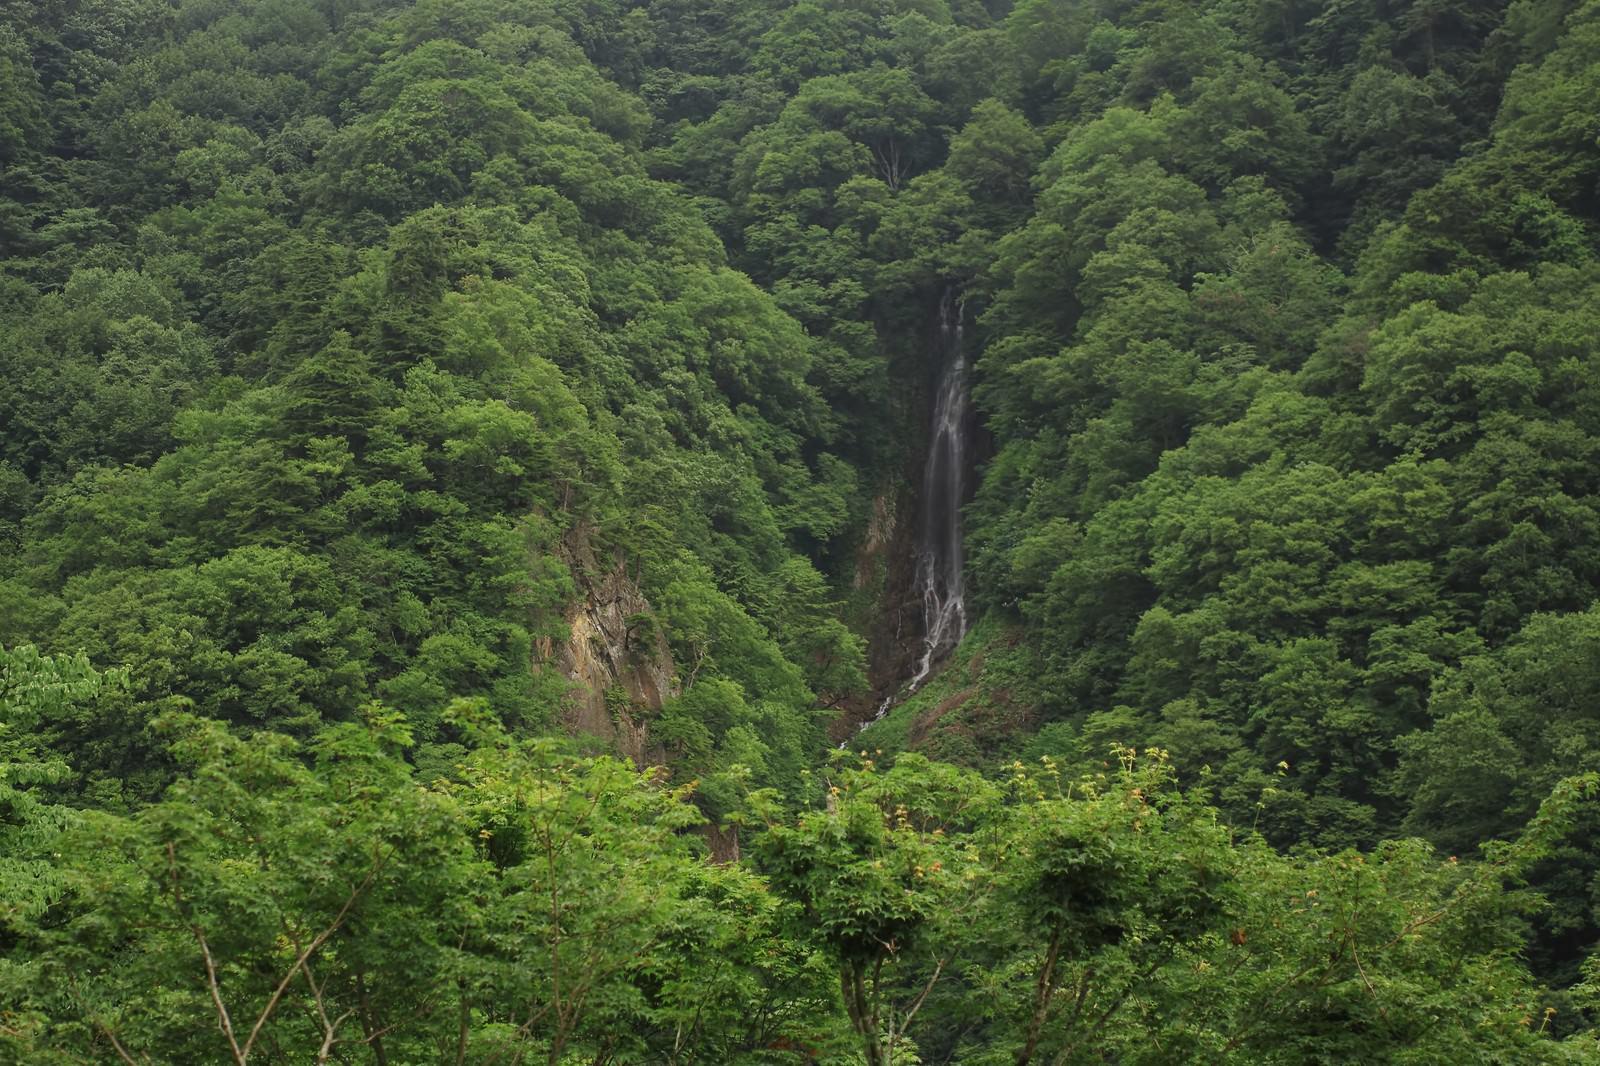 「山林の中で流れる滝」の写真